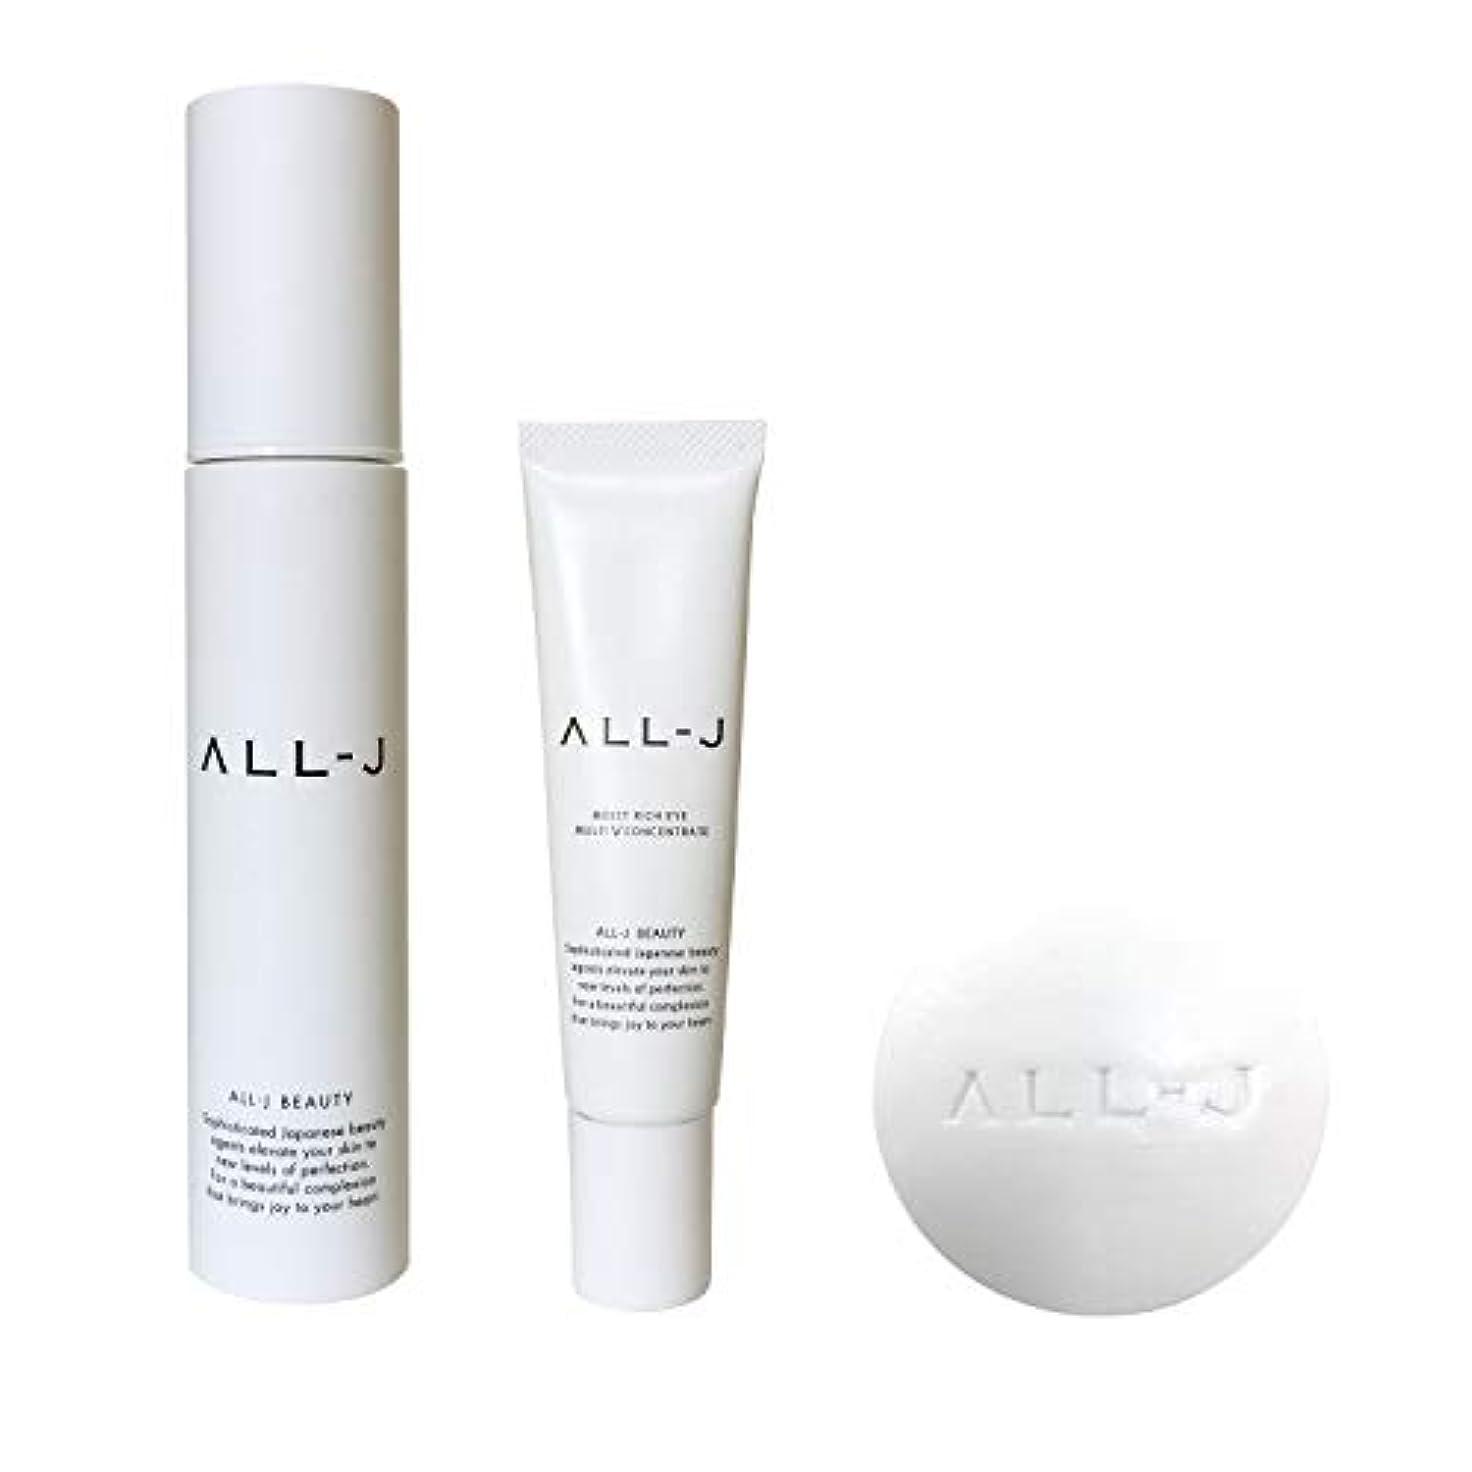 アラーム滑り台プラットフォームALL-J オールジェイ スキンケアセット ゲルクリーム状美容液 オールインワンタイプ & アイクリーム & 洗顔石鹸